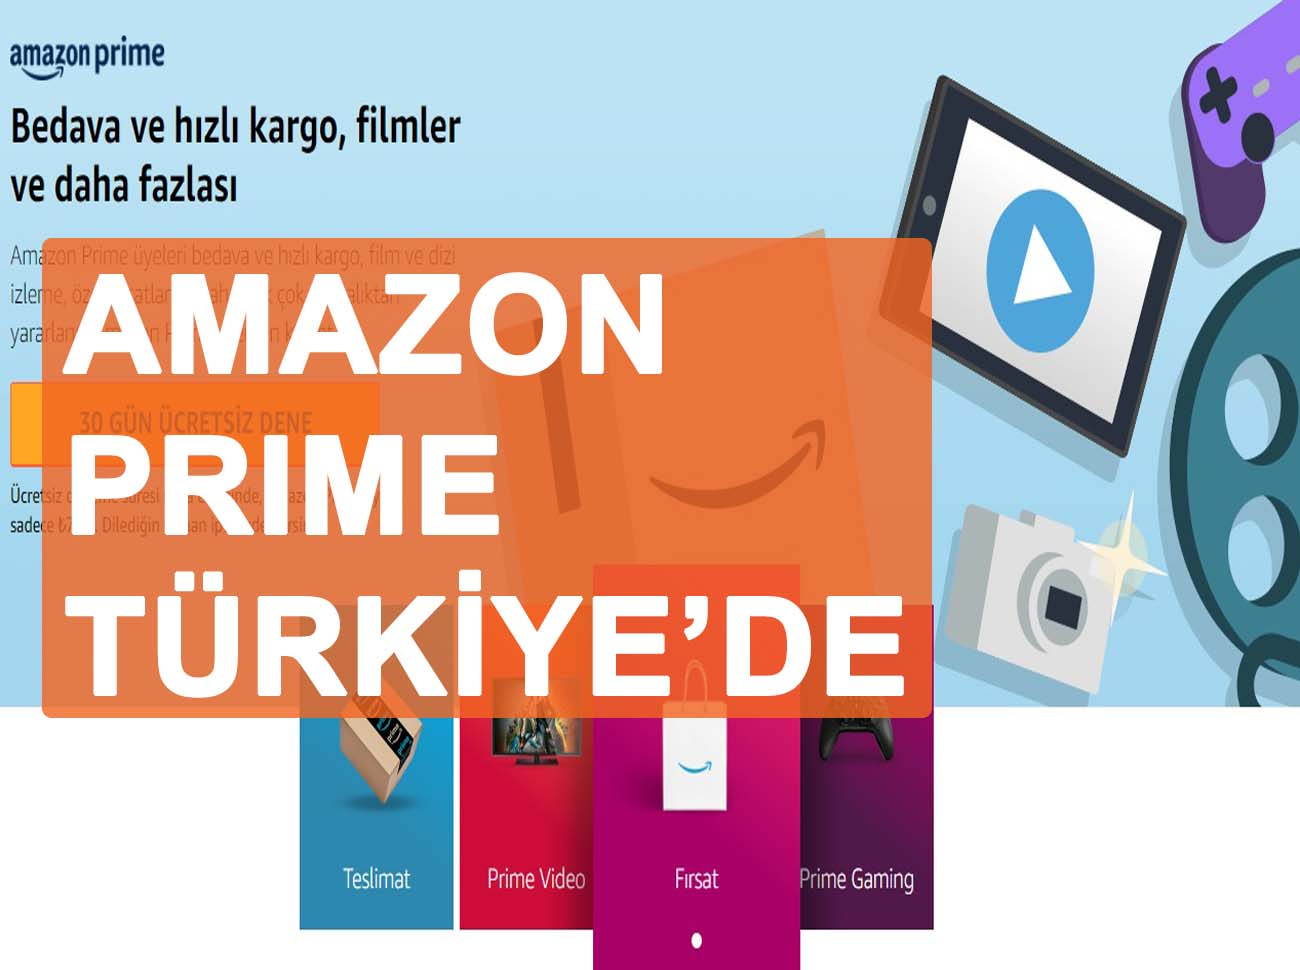 Amazon Prime Türkiye'de! Fiyatı Ve Avantajları